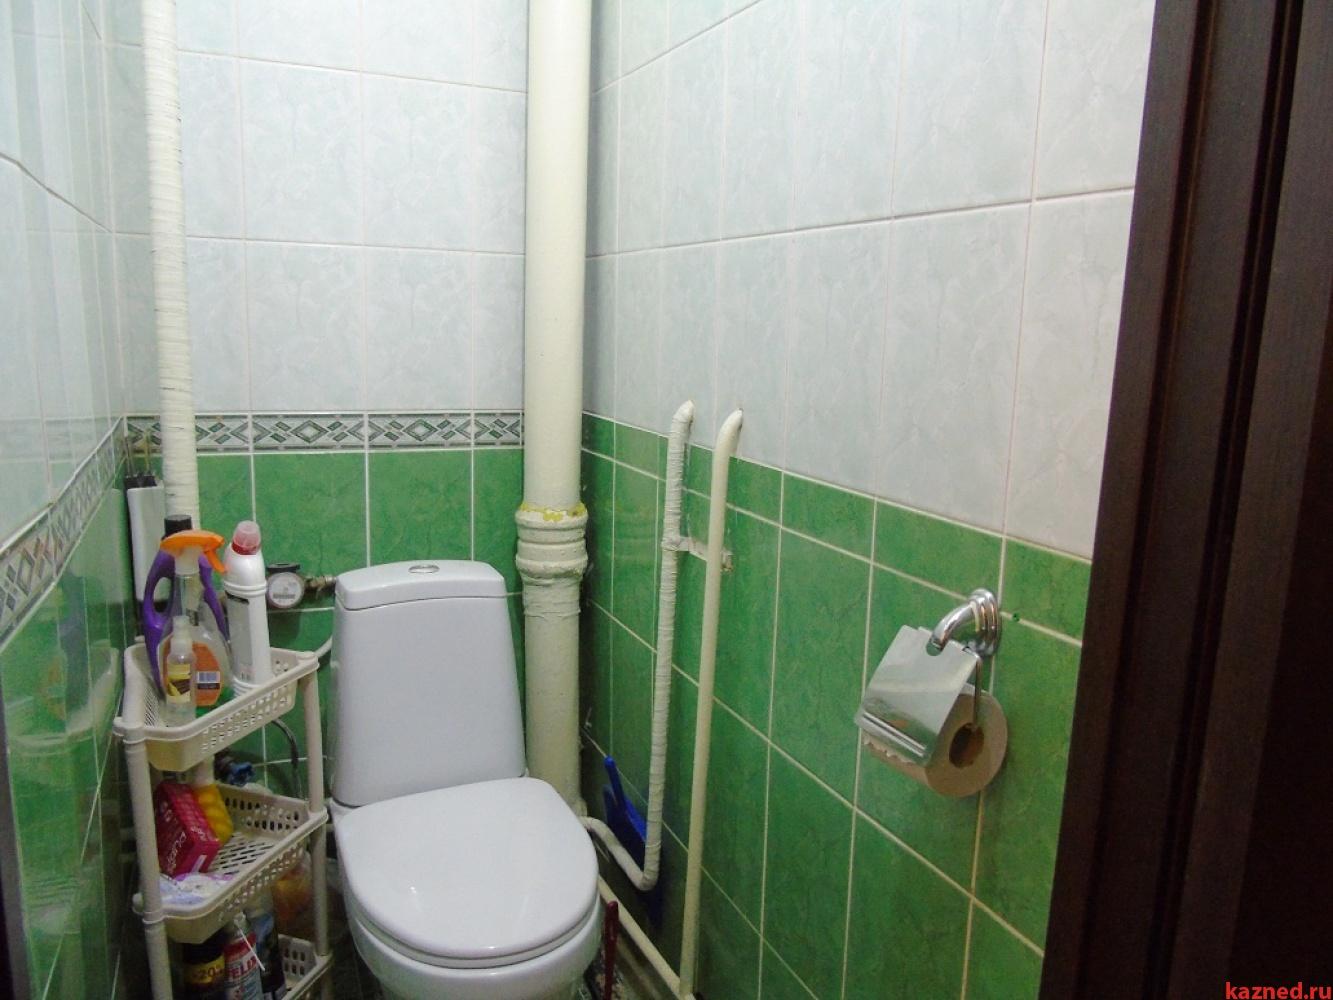 Продажа 2-к квартиры Амирхана, 83, 52 м² (миниатюра №8)